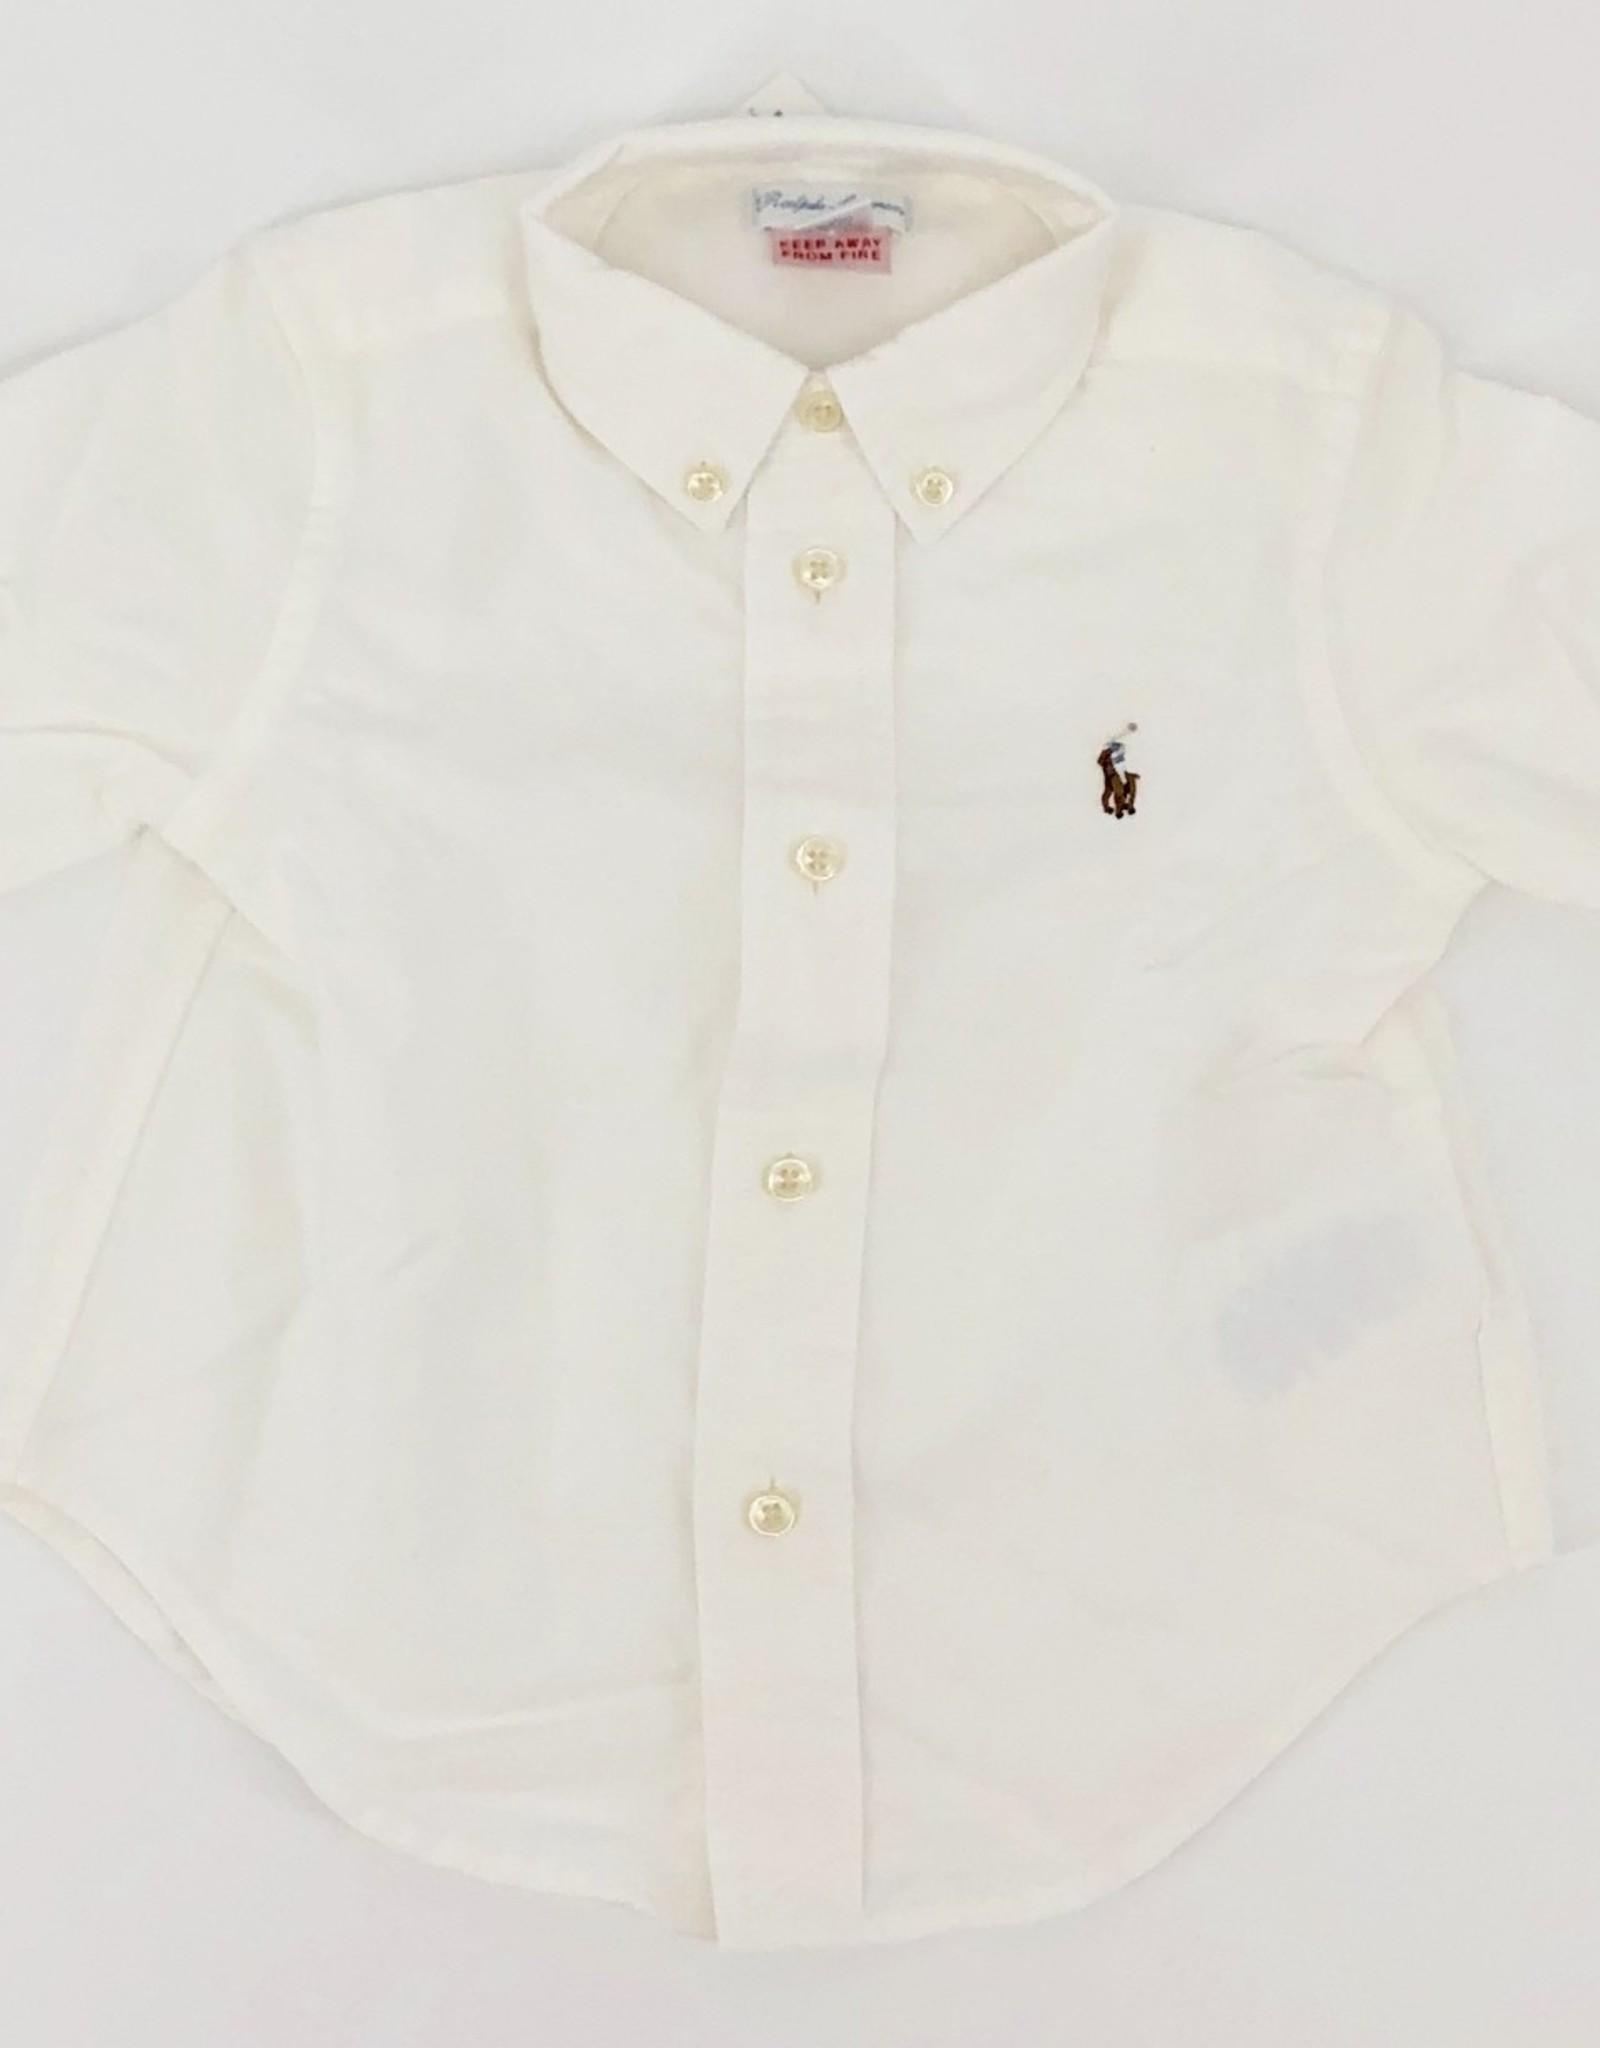 RALPH LAUREN RALPH LAUREN Hemd wit bruin paard